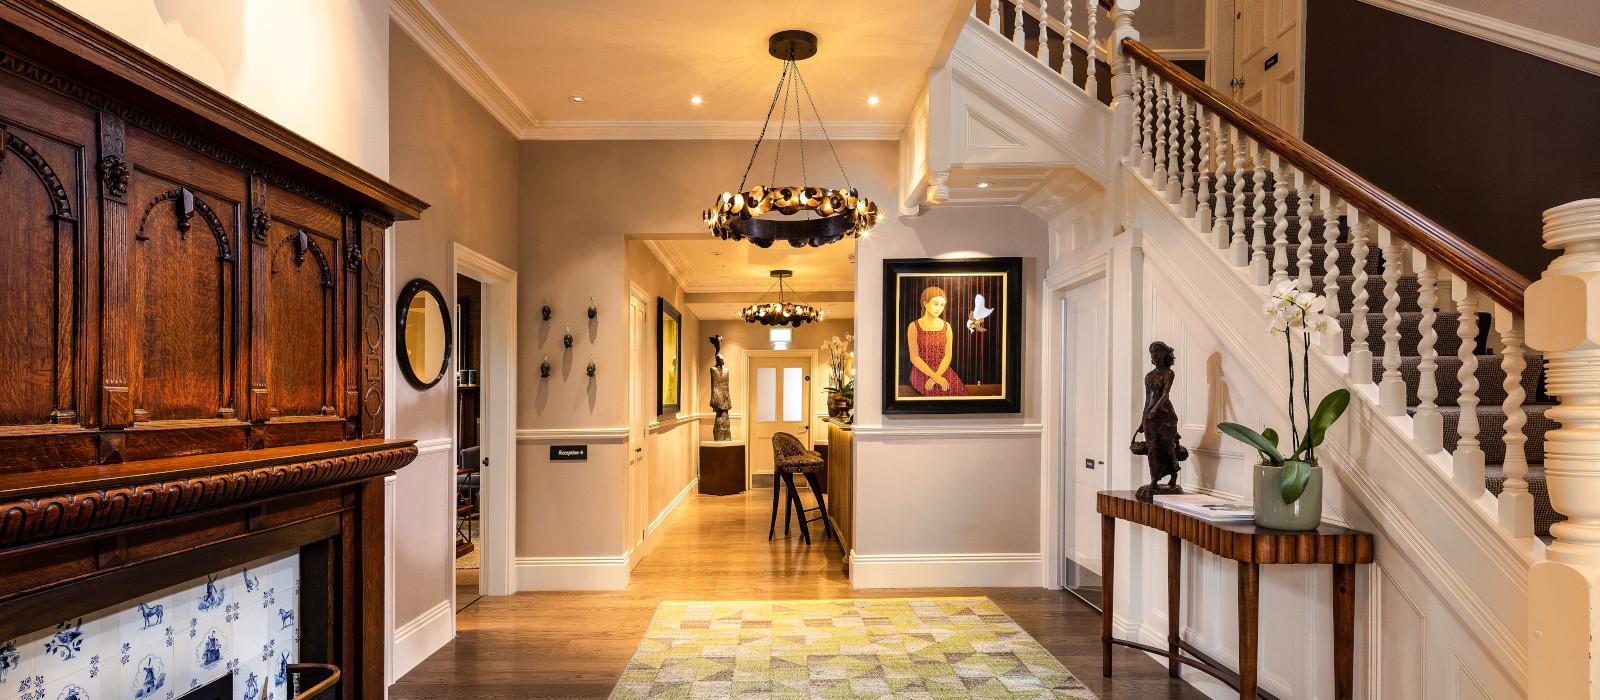 Hotel Linthwaite House UK & Ireland